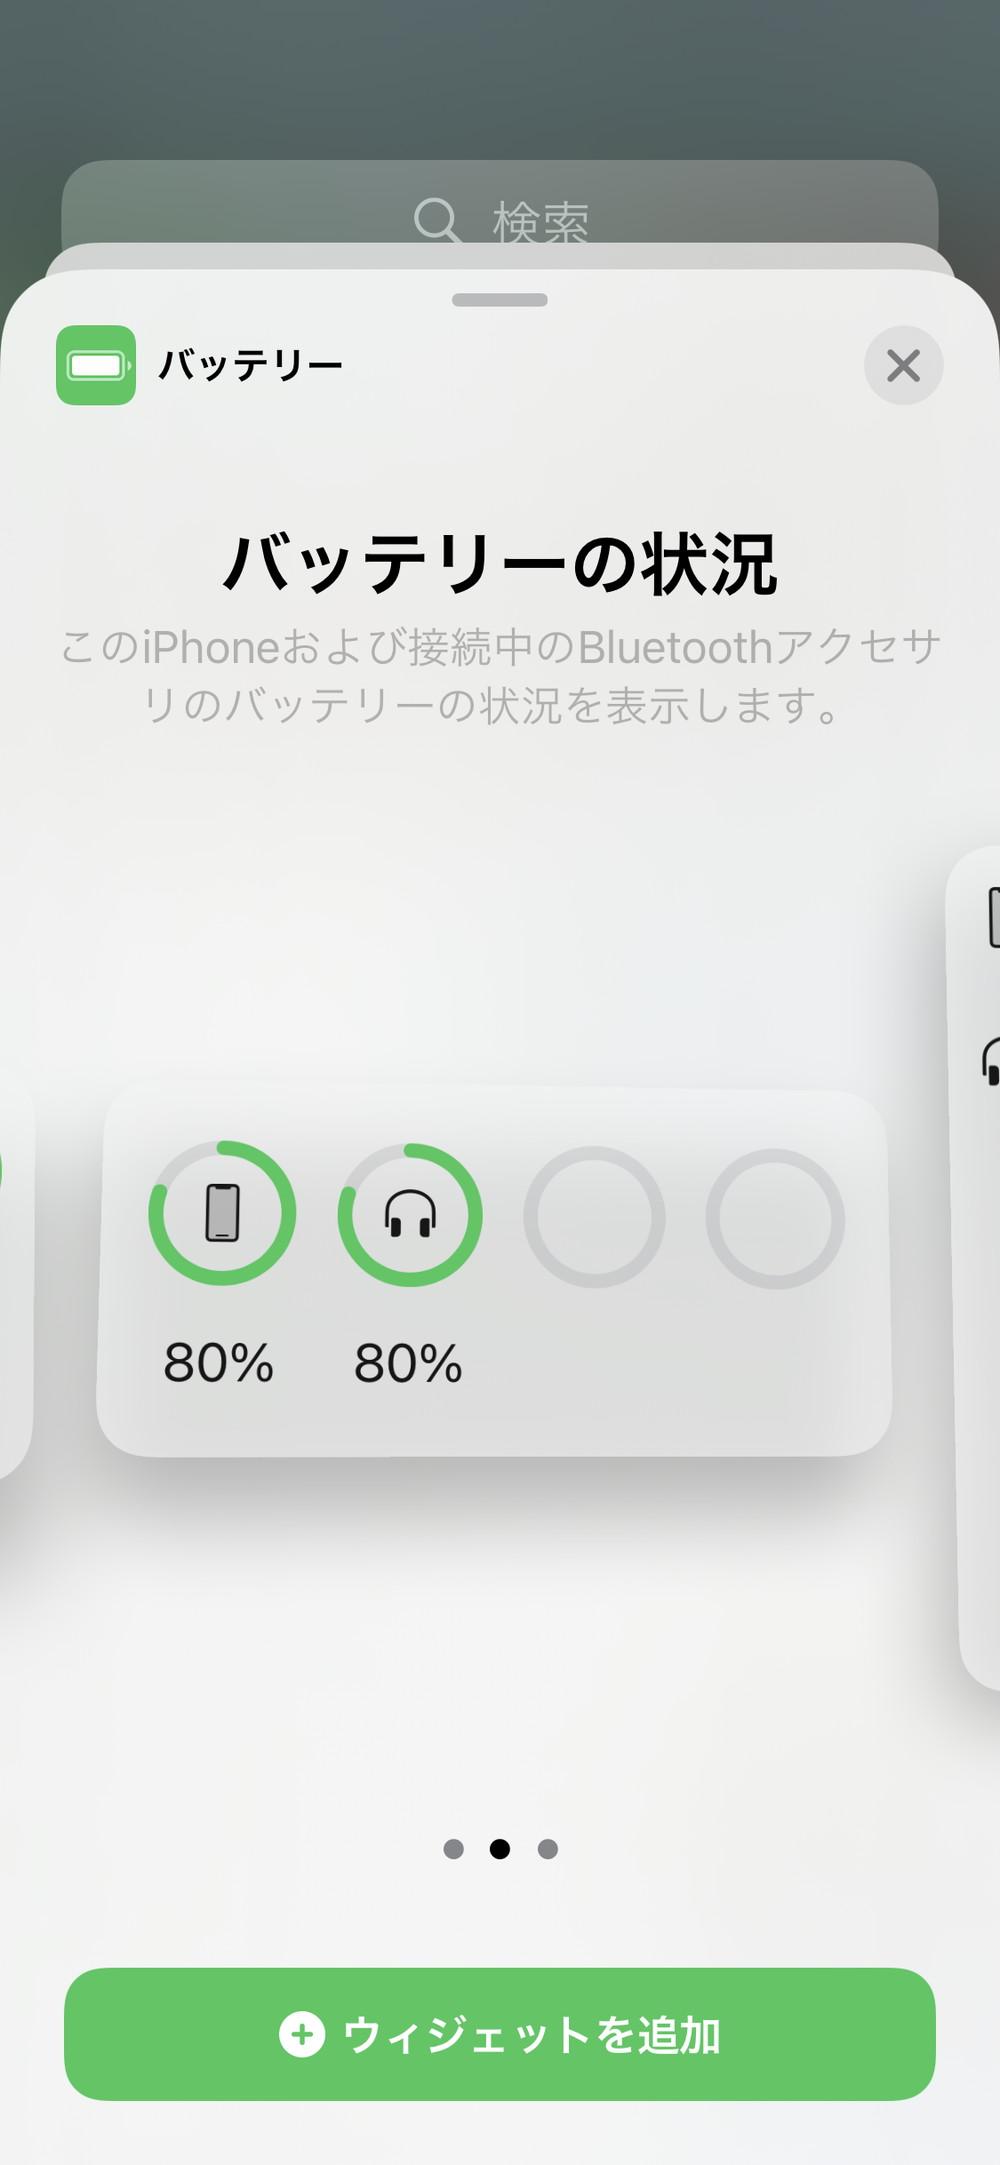 iPhone:バッテリーの状況3